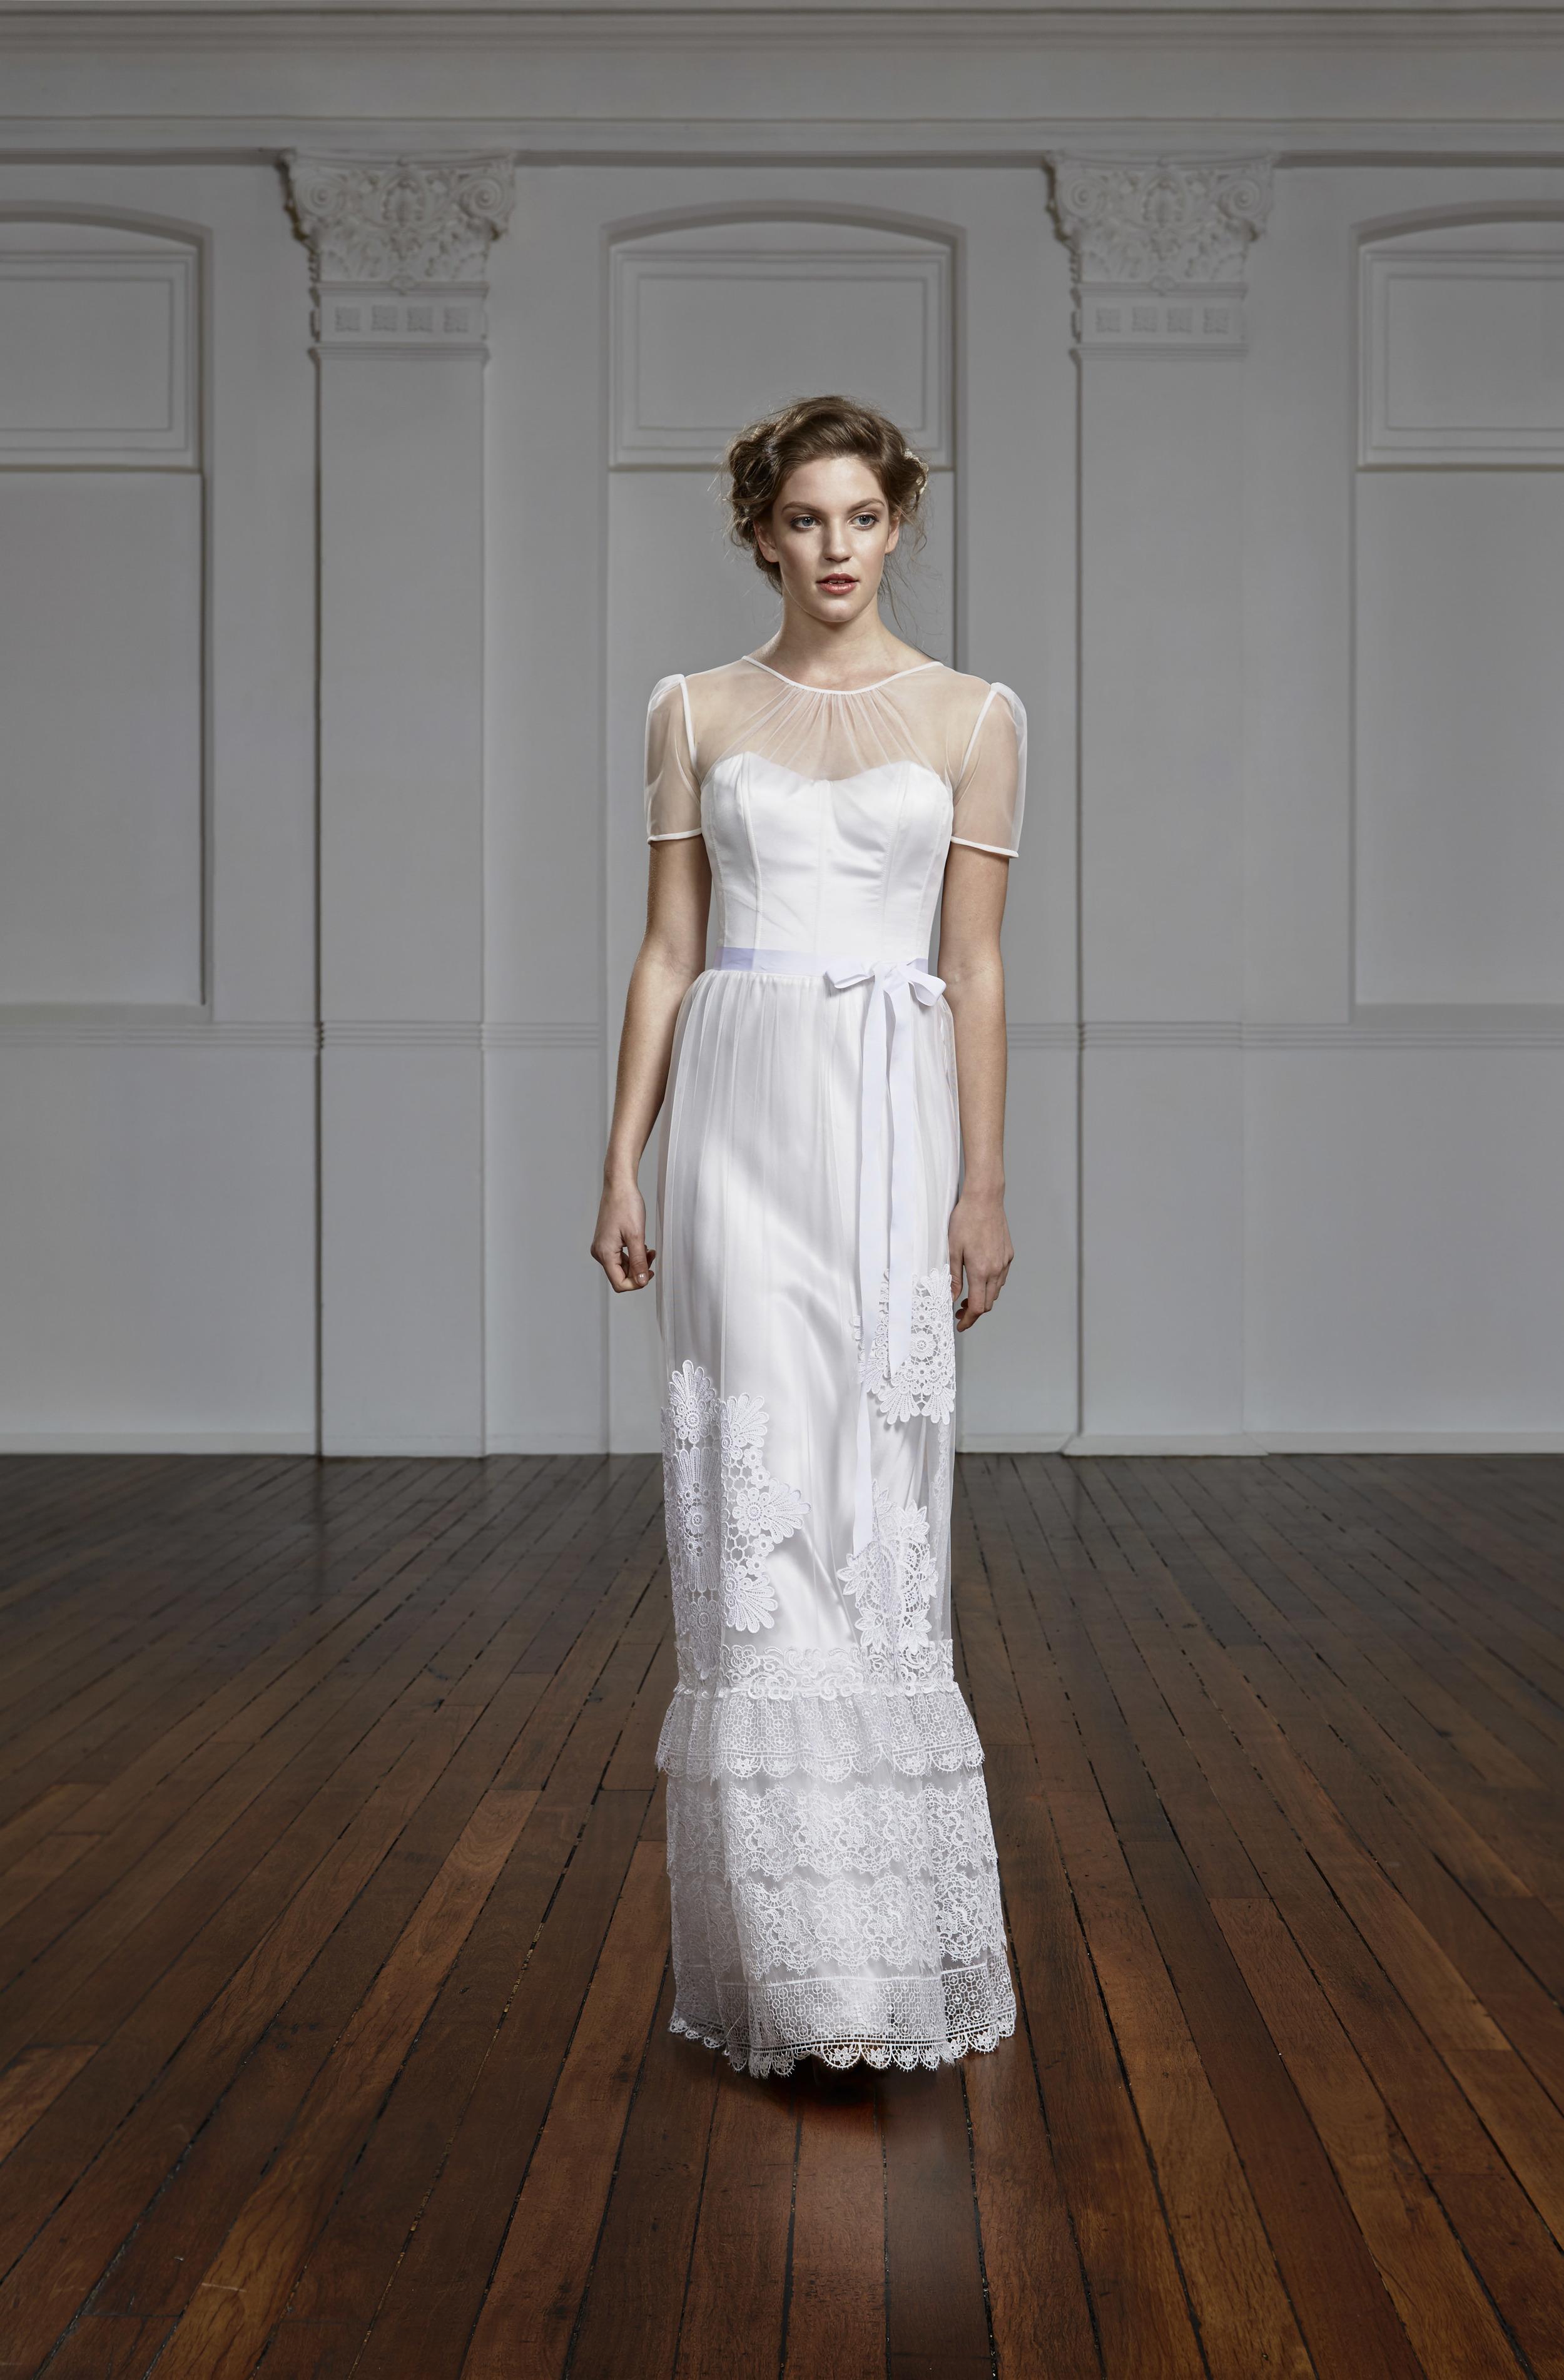 LuceDelSole-Vintage bridal design_TanyaAnic_©GrantSparkesCarroll_201.jpg